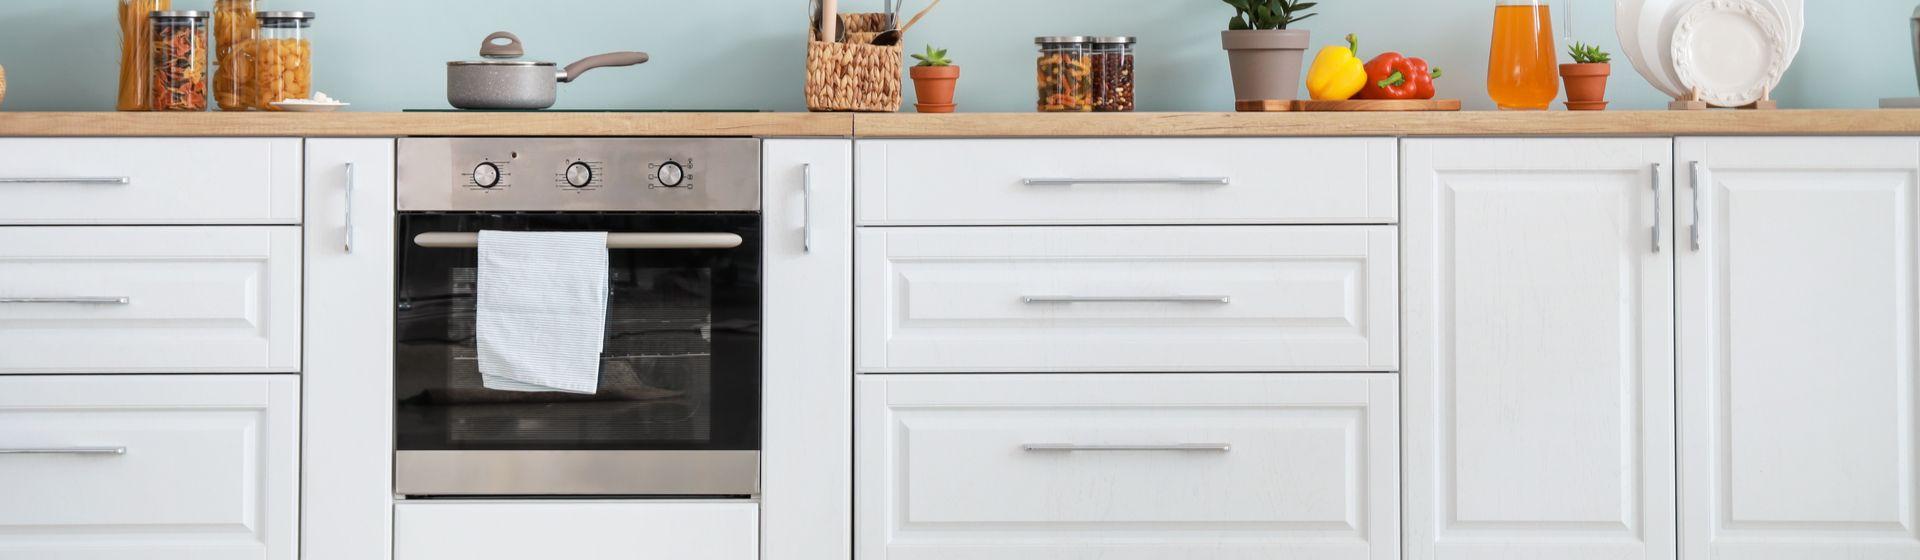 Melhores marcas de fogão: Electrolux, Brastemp, Consul... Confira a lista